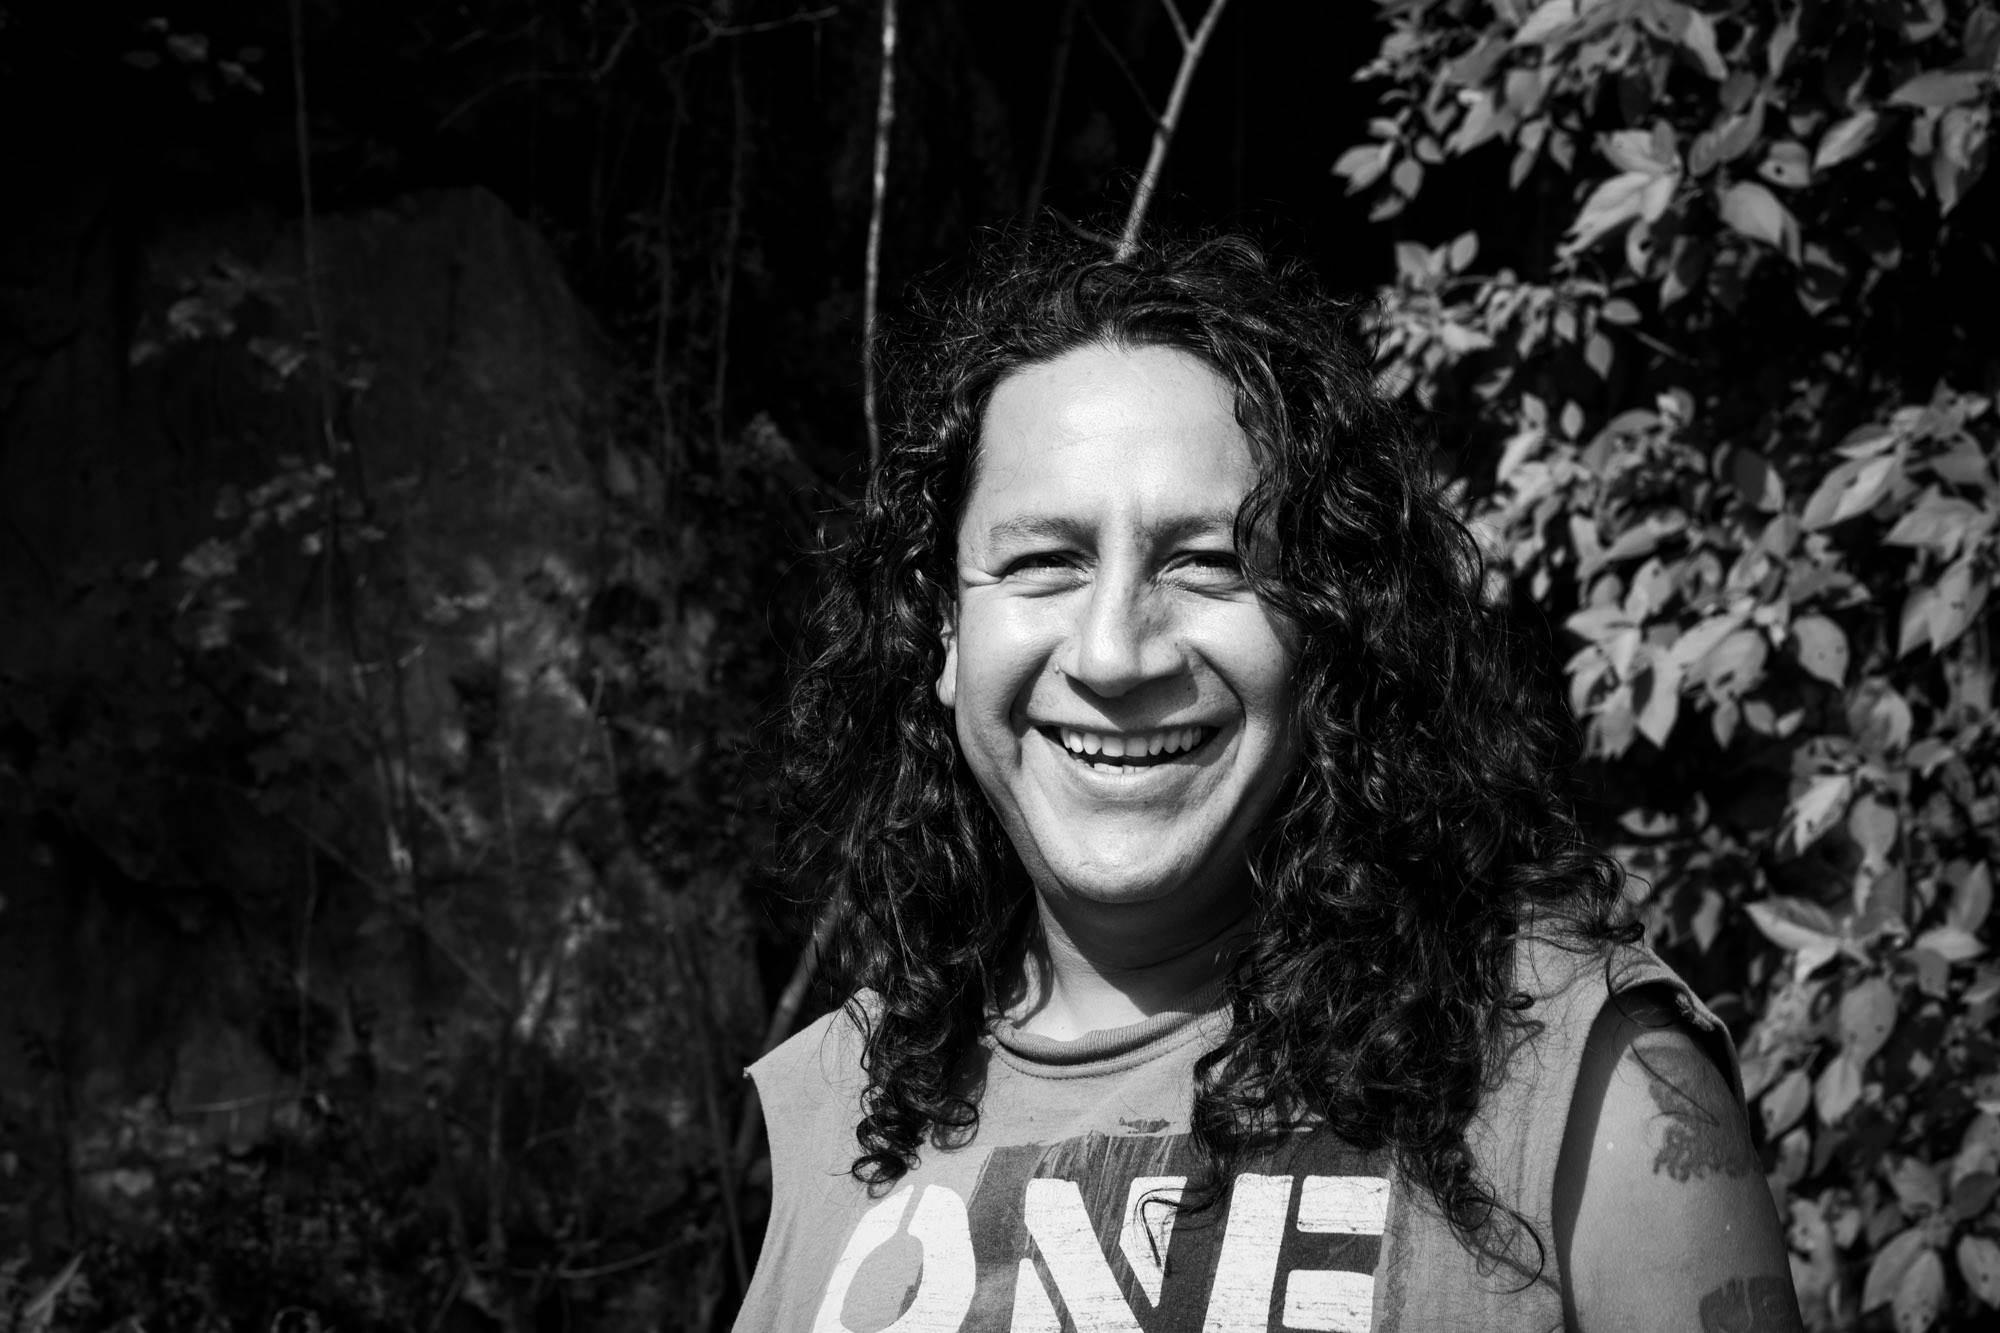 Martin Barrios, hijo de Conchita, ha sido músico, poeta, abogado, ambientalista, consejero electoral y creador de la Comisión de Derechos Humanos y Laborales del Valle de Tehuacán, que dirigía junto a su madre.